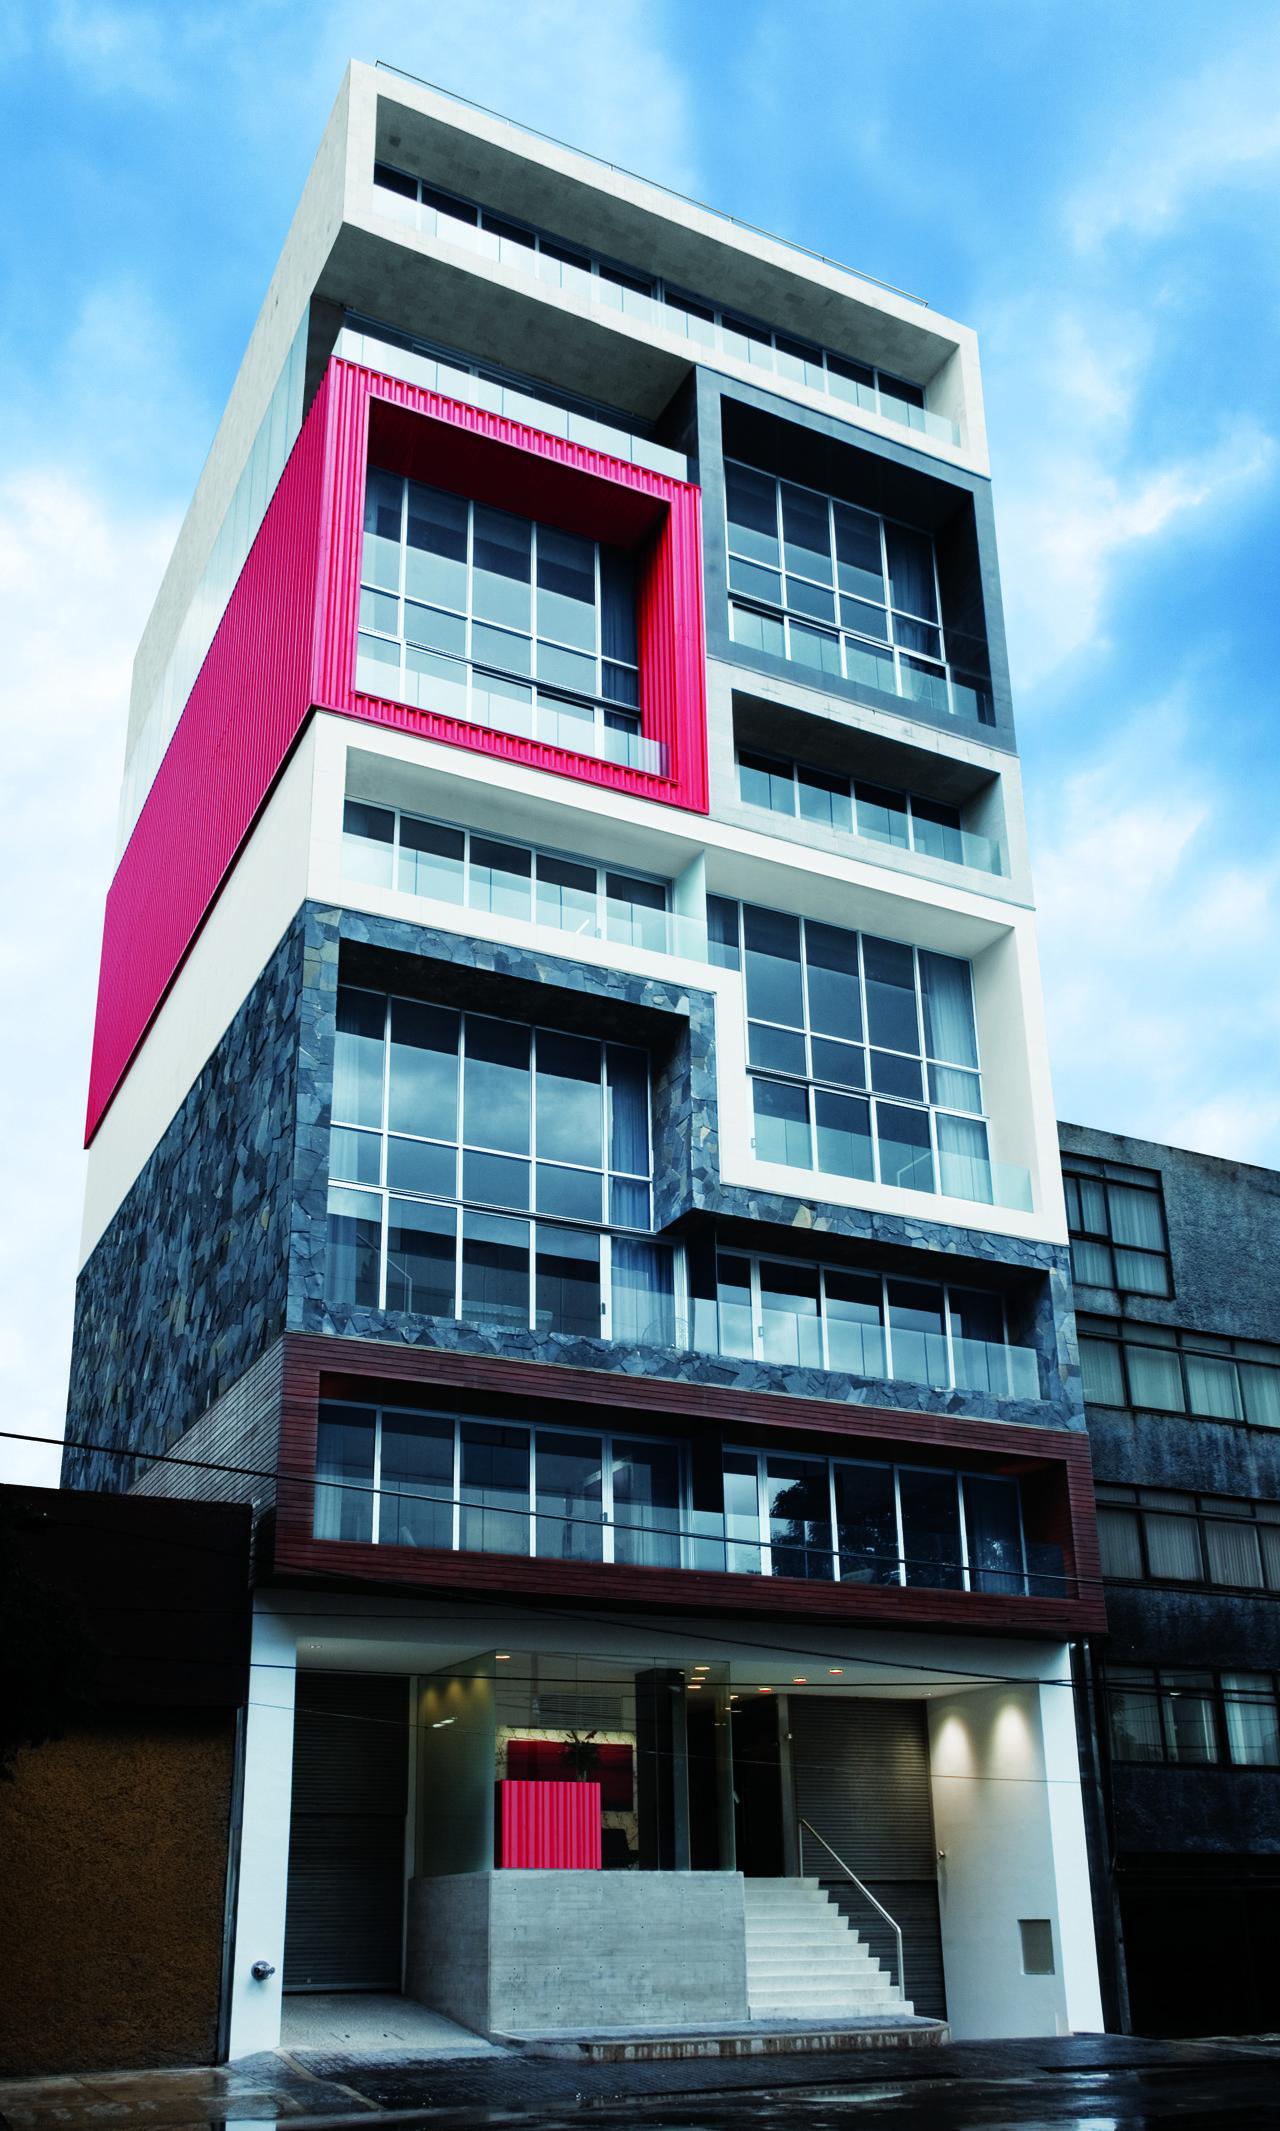 Filadelfia Suites Corporativas / BNKR Arquitectura, © Fabiola Menchelli